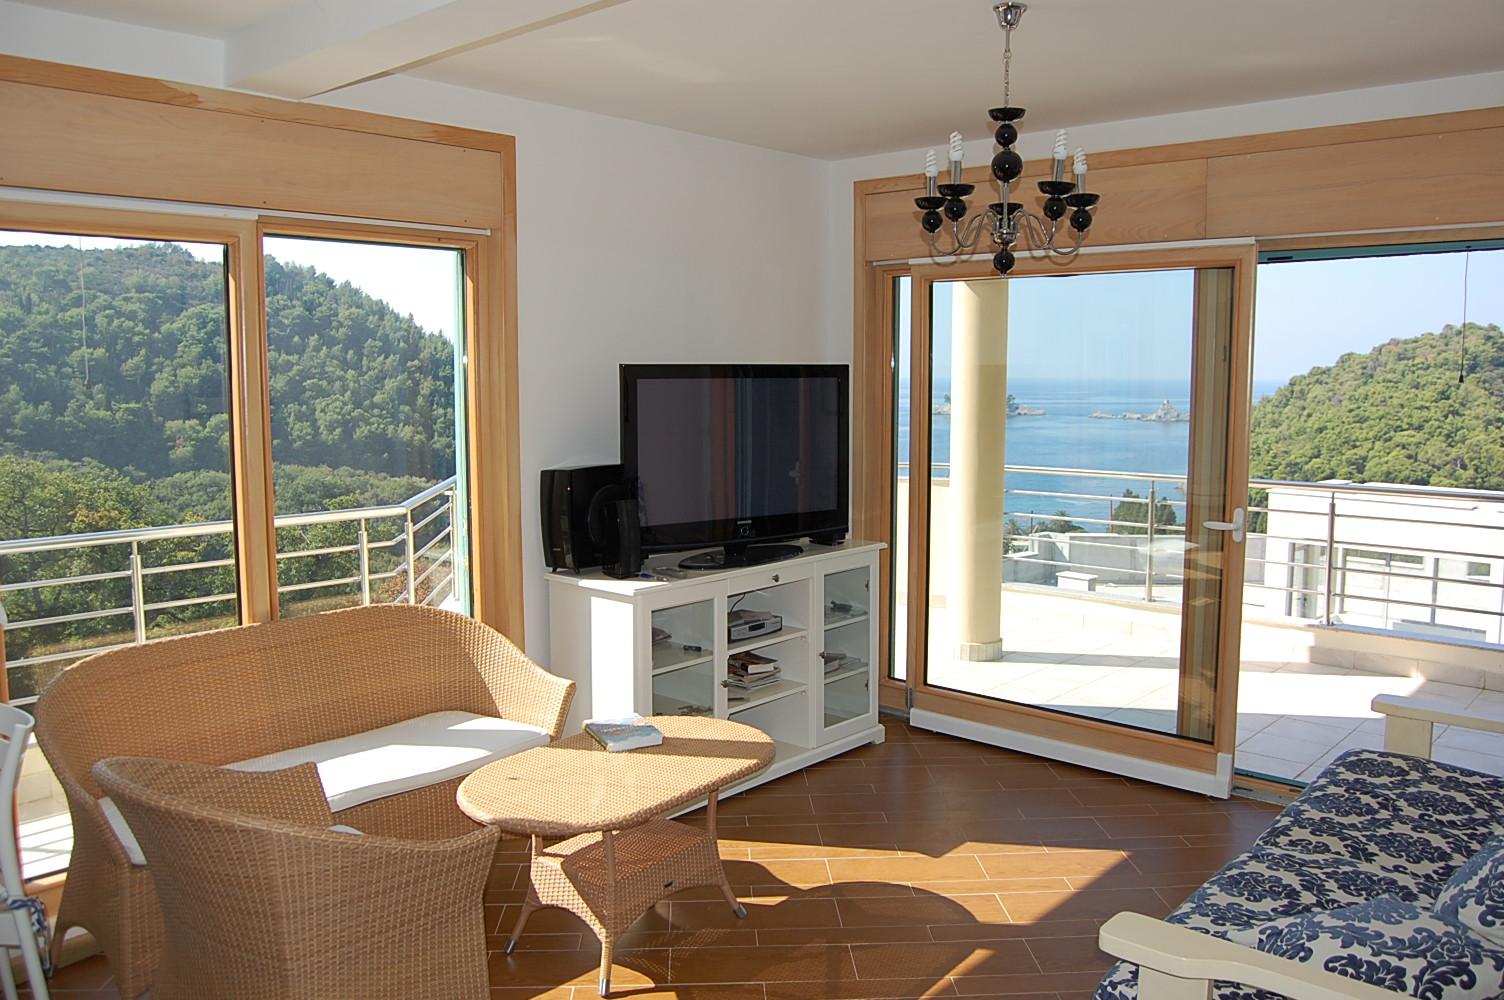 Дешево квартиру заграницей купить на море